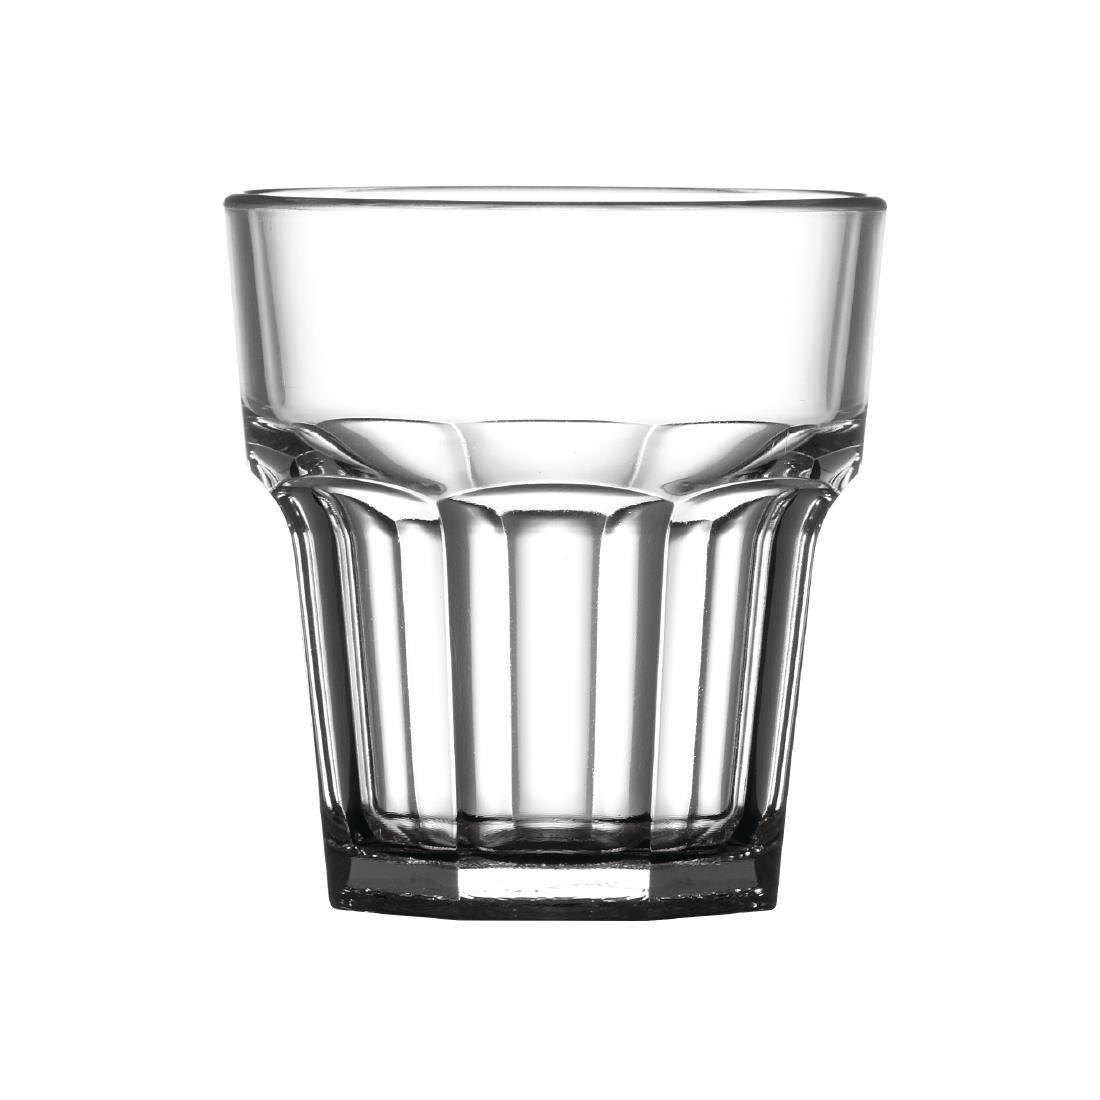 Catering aparato U406policarbonato American vasos, 255ml (Pack de 36) Non Branded 8967